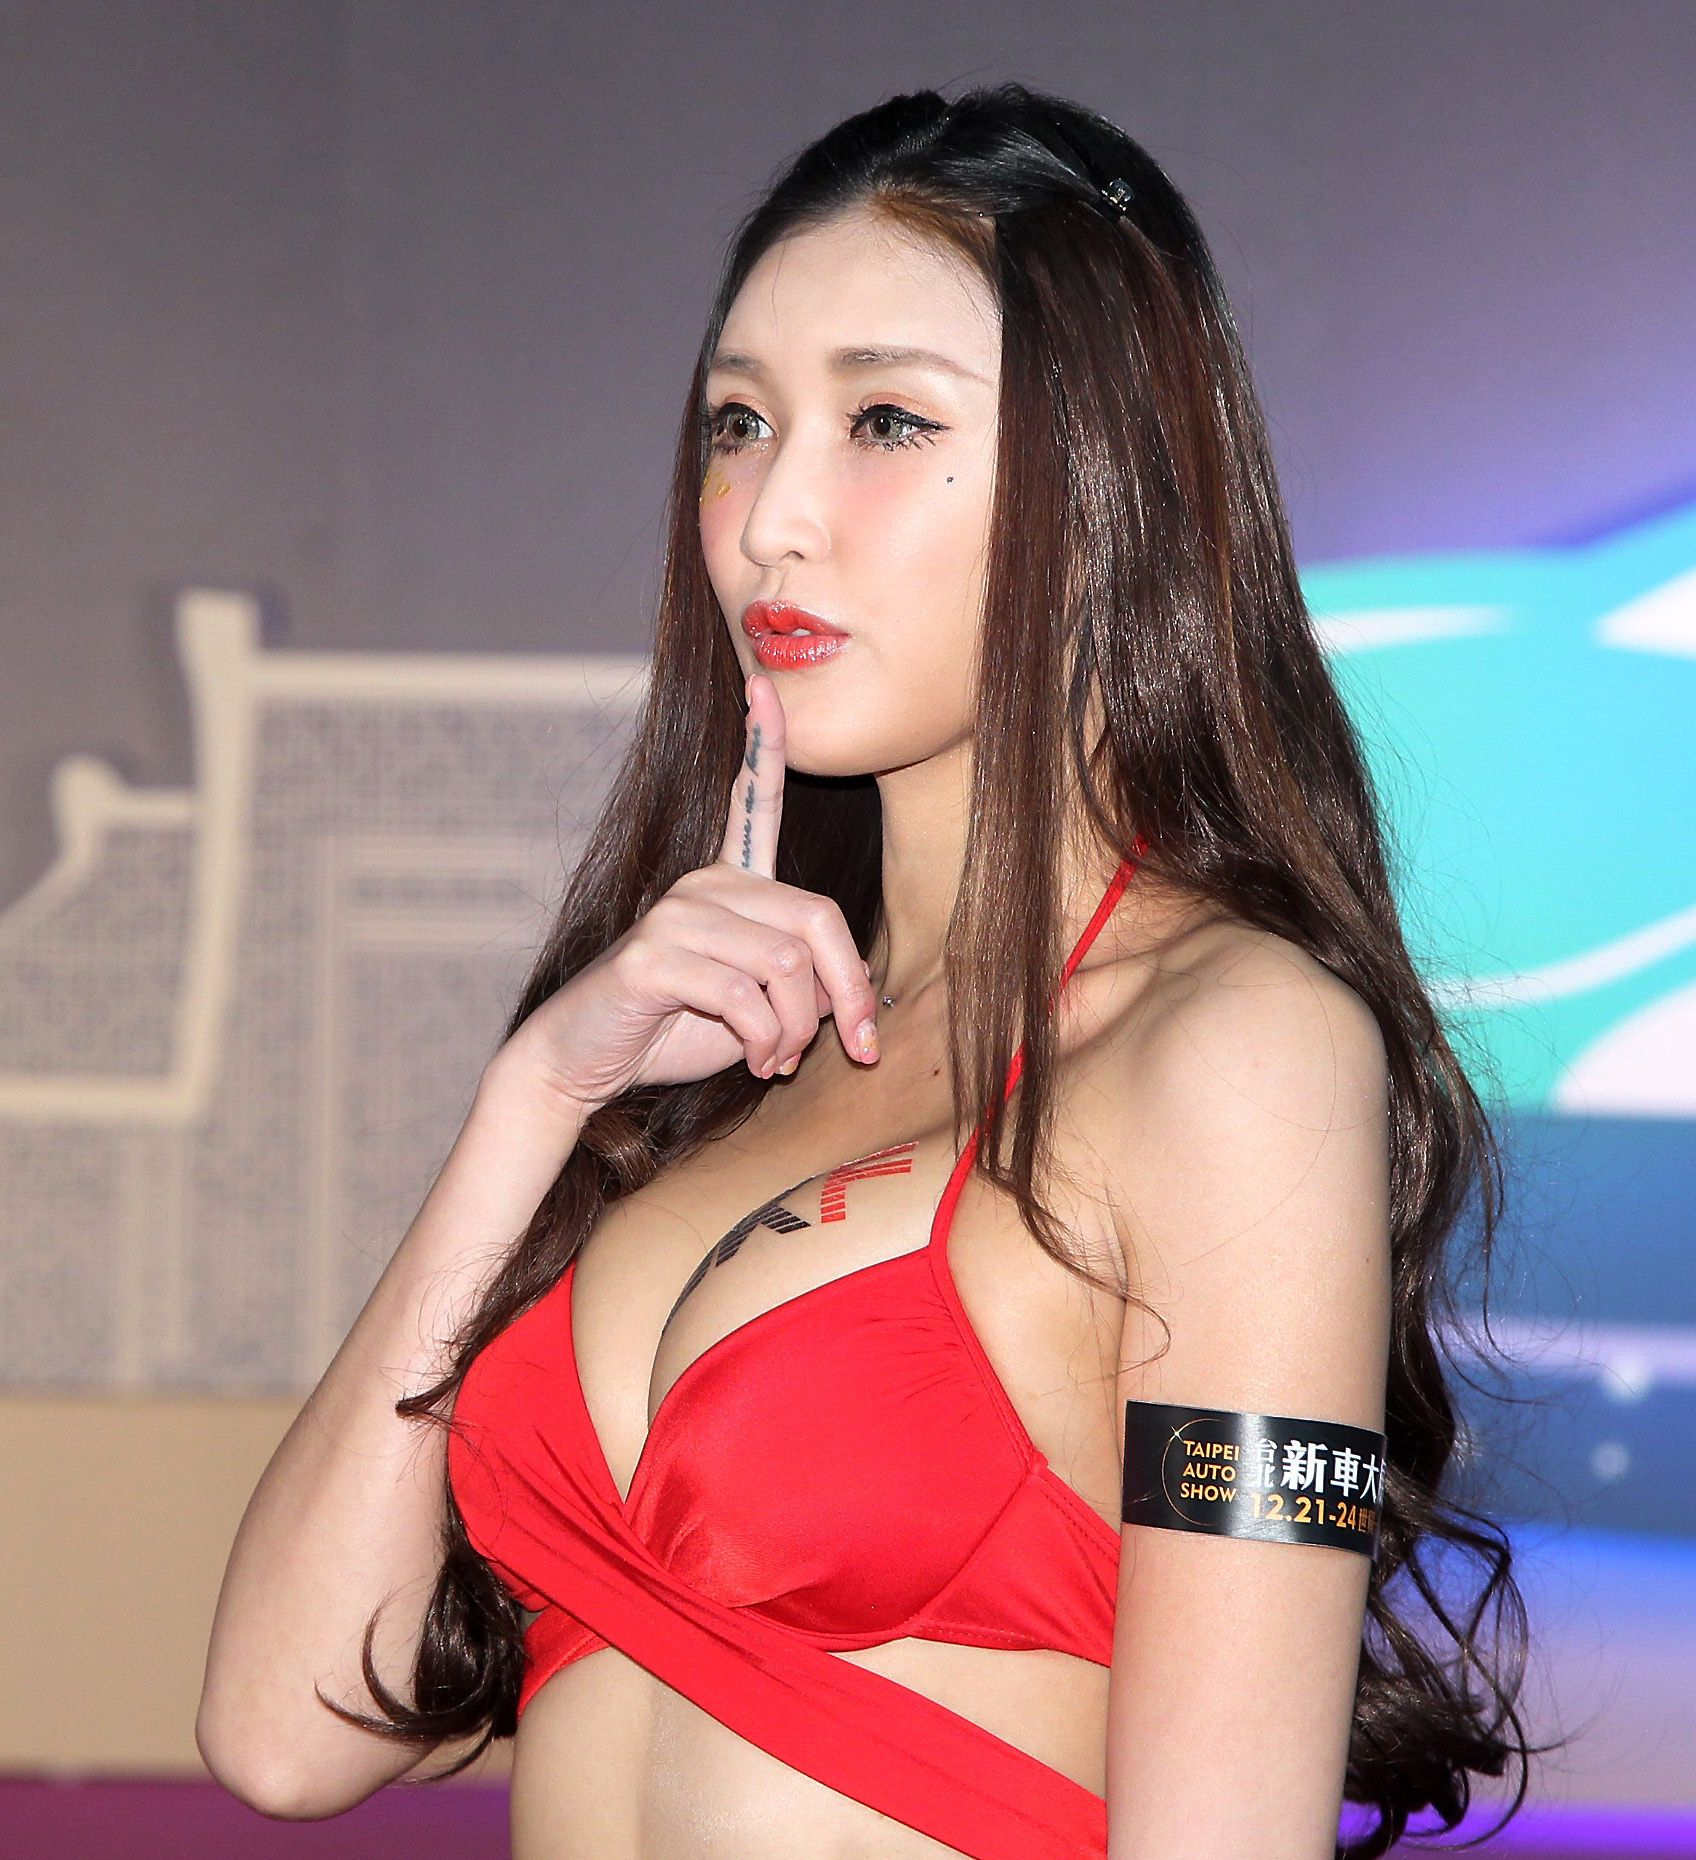 性感火辣車模哈倪萱。(記者邱榮吉/攝影)